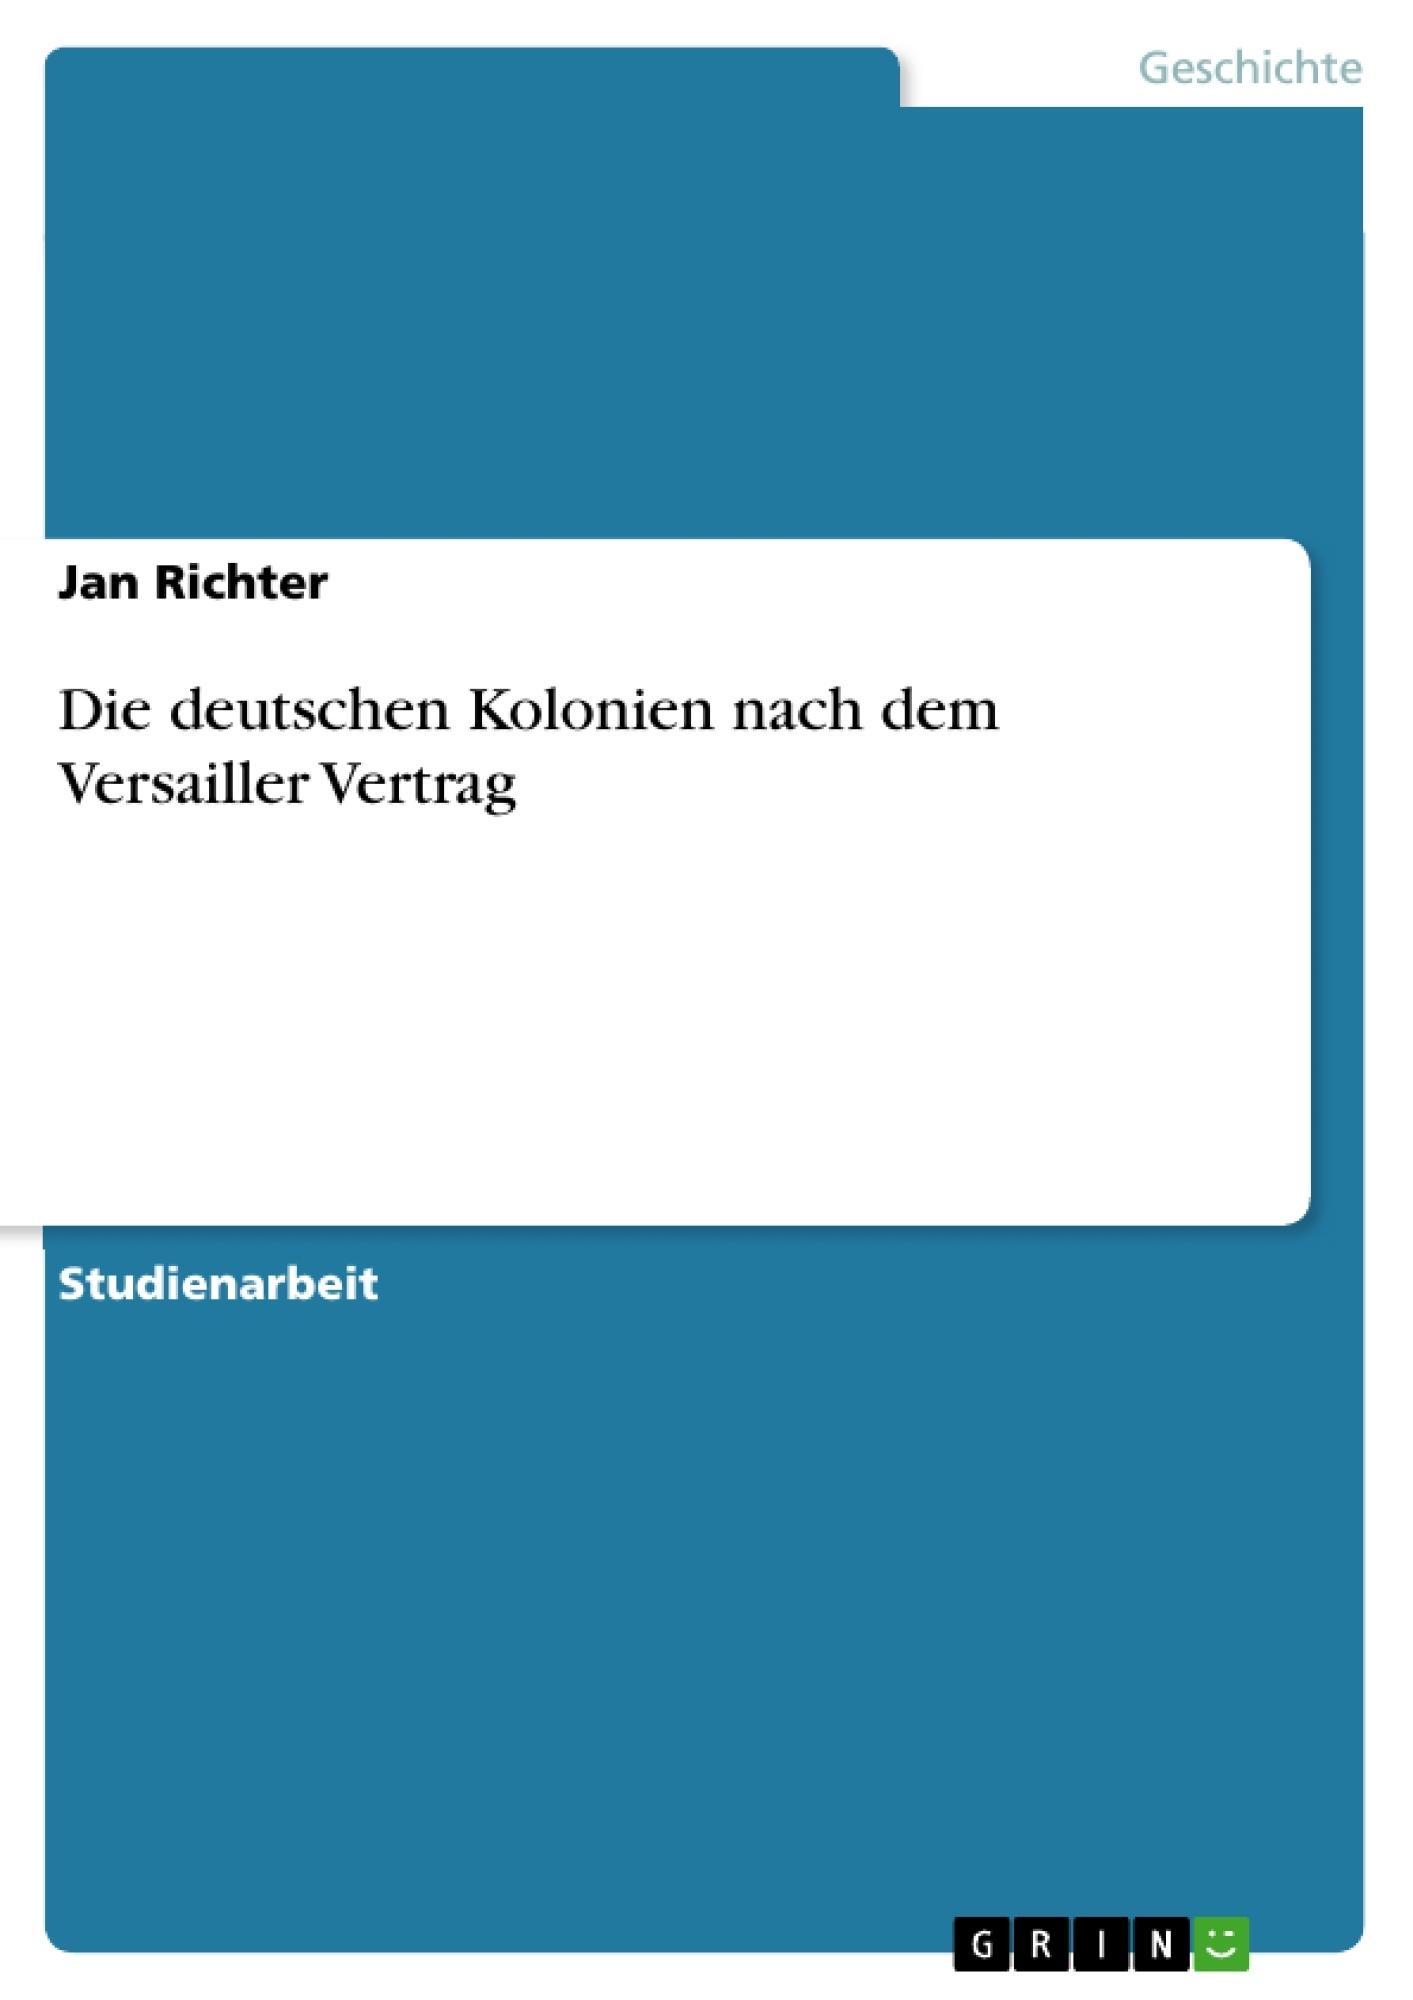 Titel: Die deutschen Kolonien nach dem Versailler Vertrag